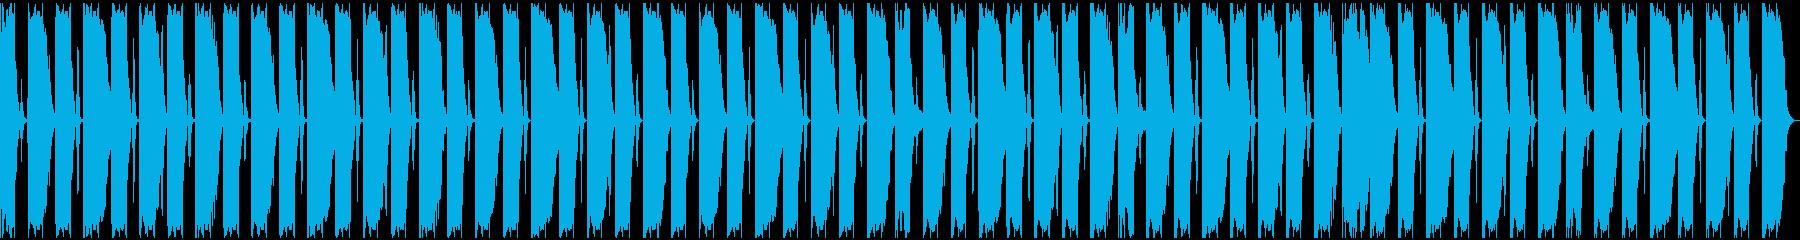 【エレクトロニカ】ロング2、ミディアム2の再生済みの波形